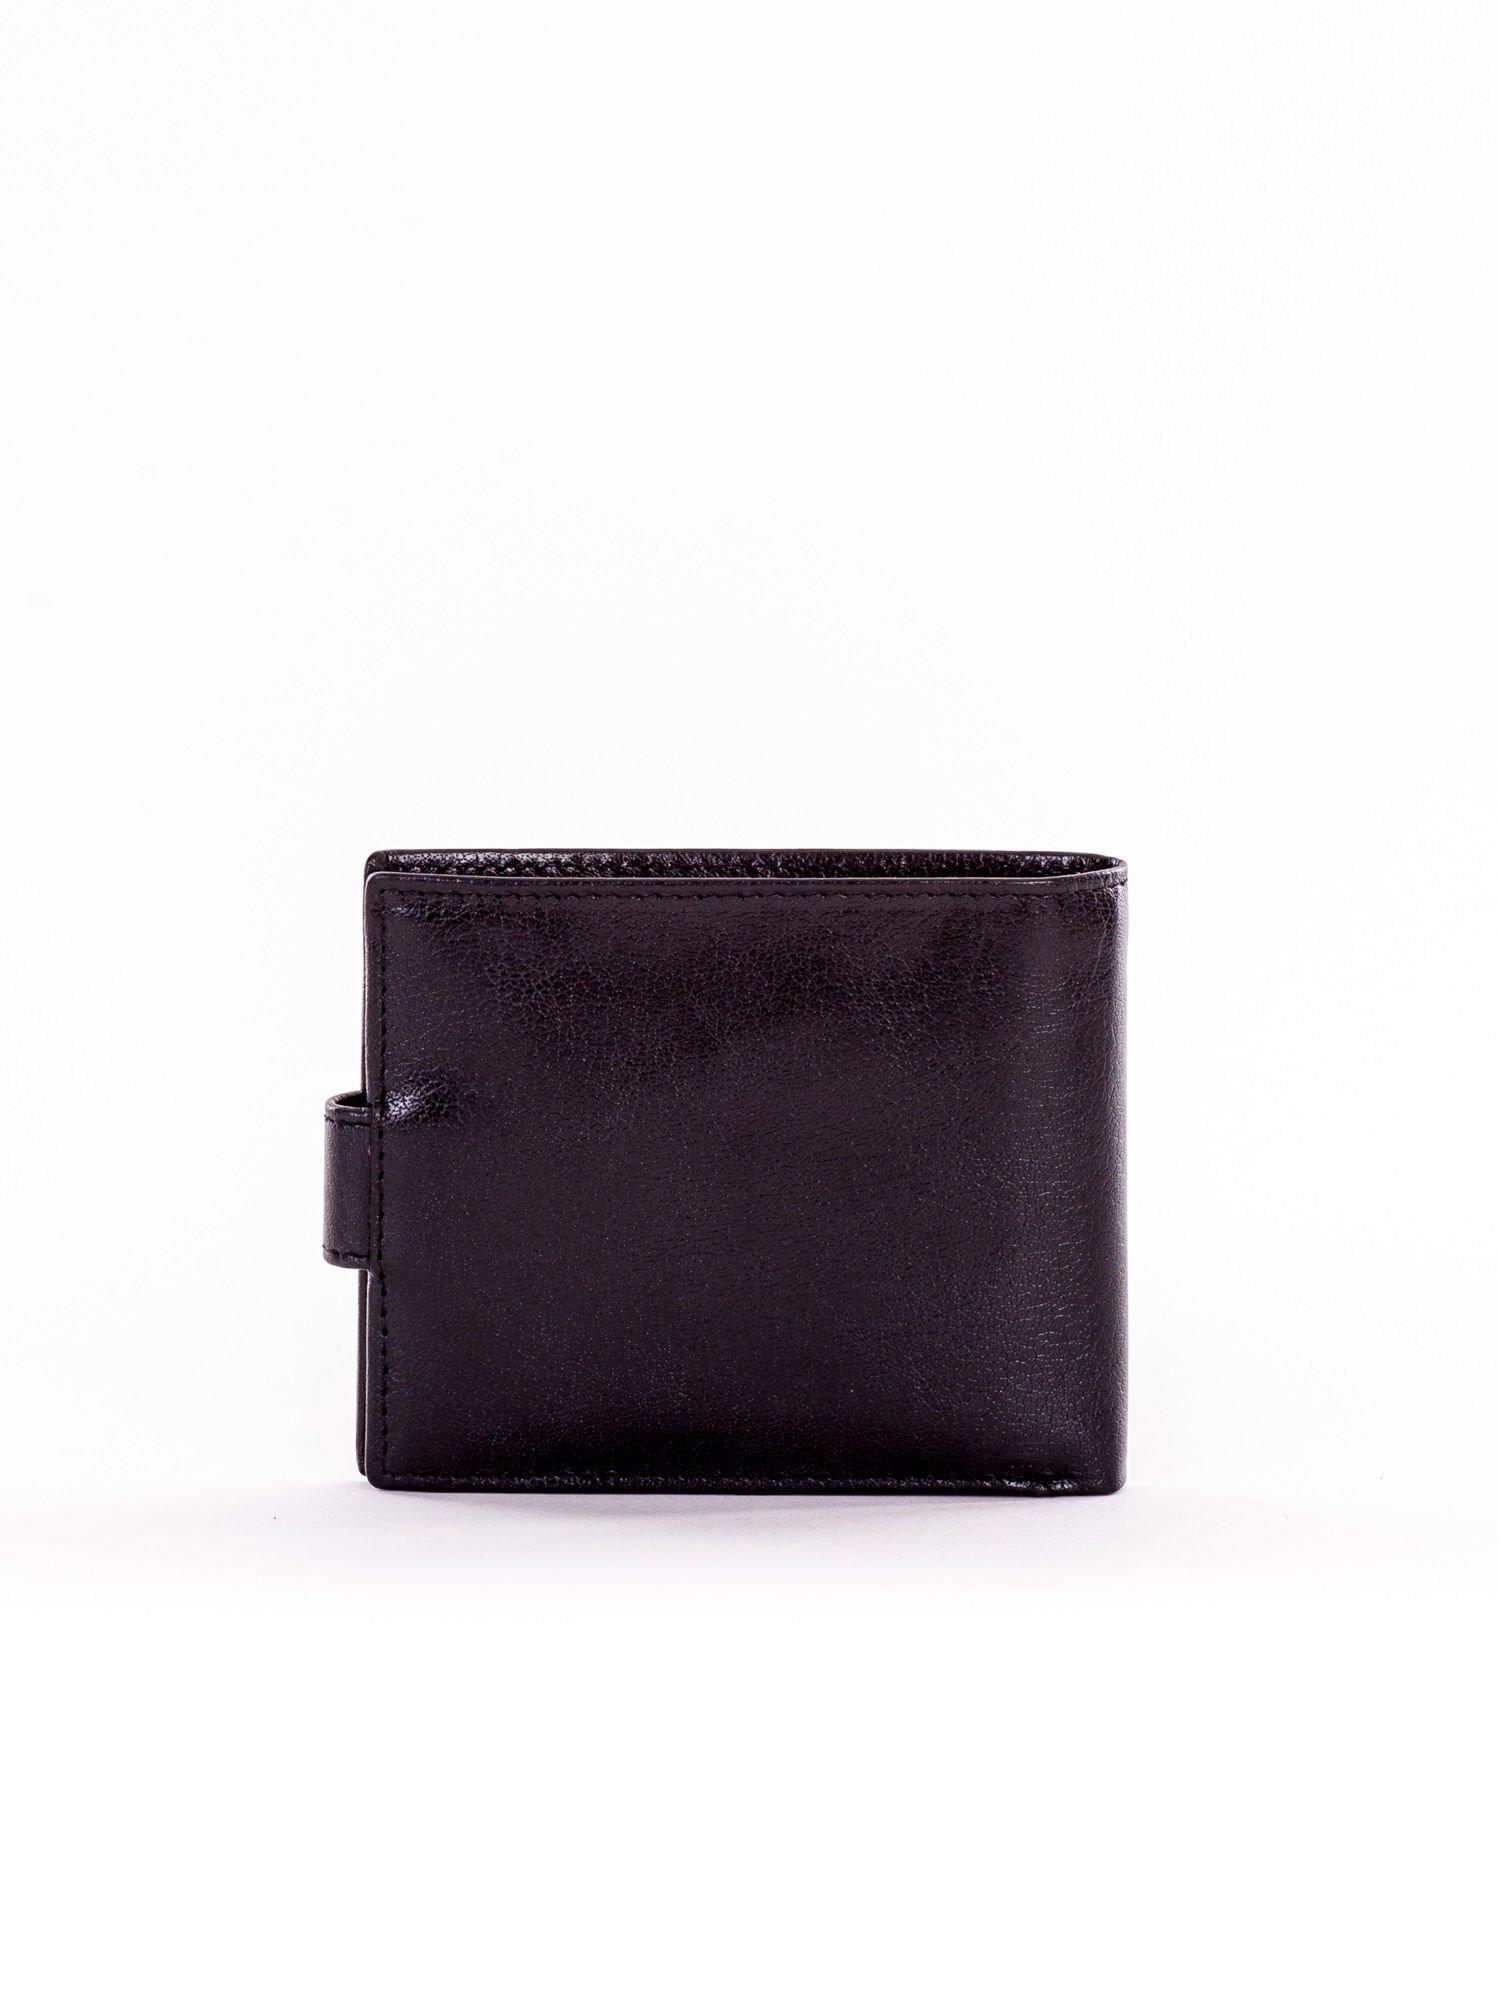 ad8c539c972d6 Skórzany mały portfel męski zapinany na napę - Mężczyźni portfel męski -  sklep eButik.pl